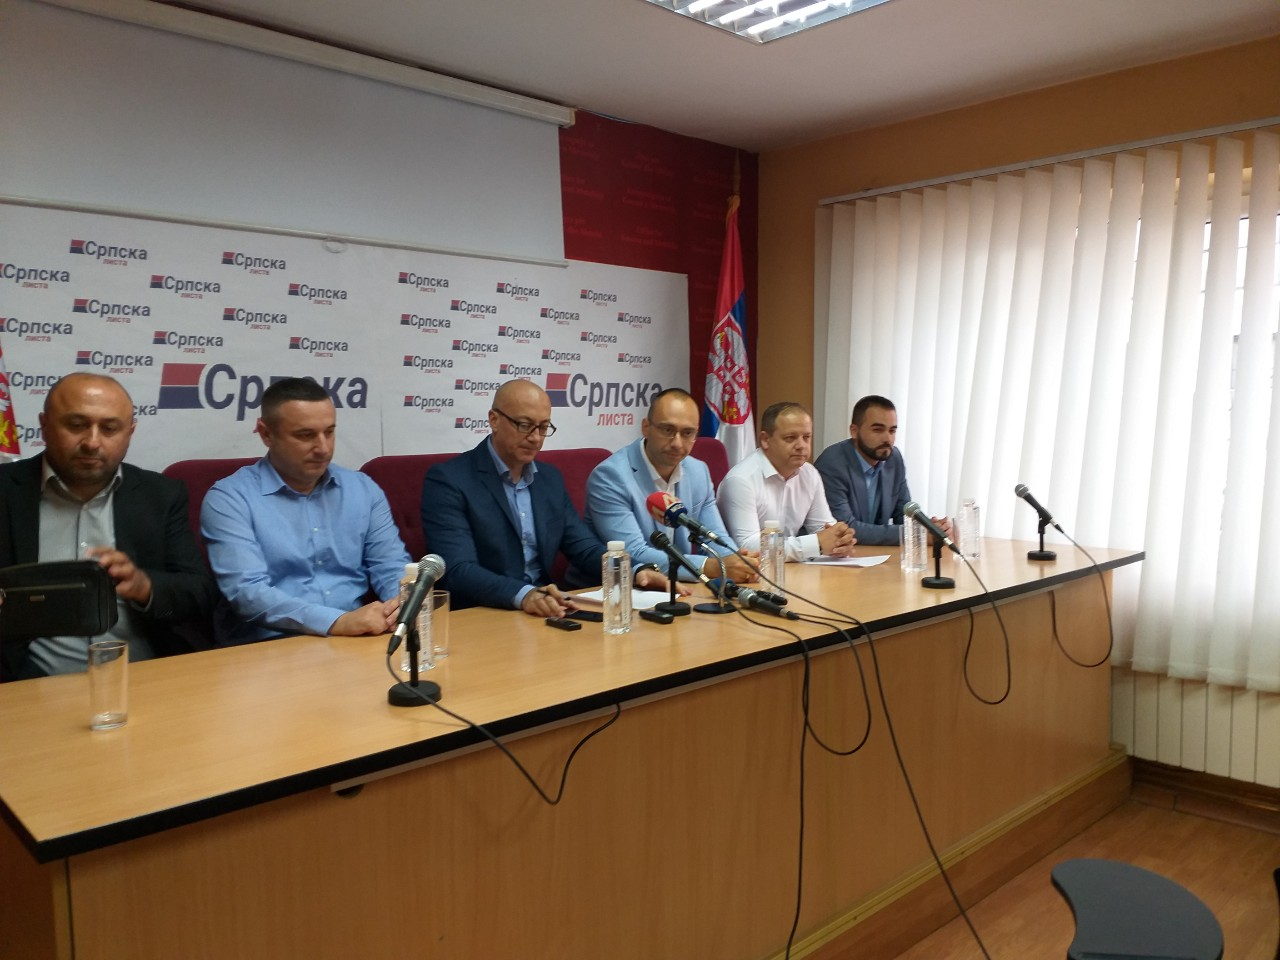 Srpska lista: Jedinstvo srpskog naroda na Kosmetu garant ostanka i opstanka